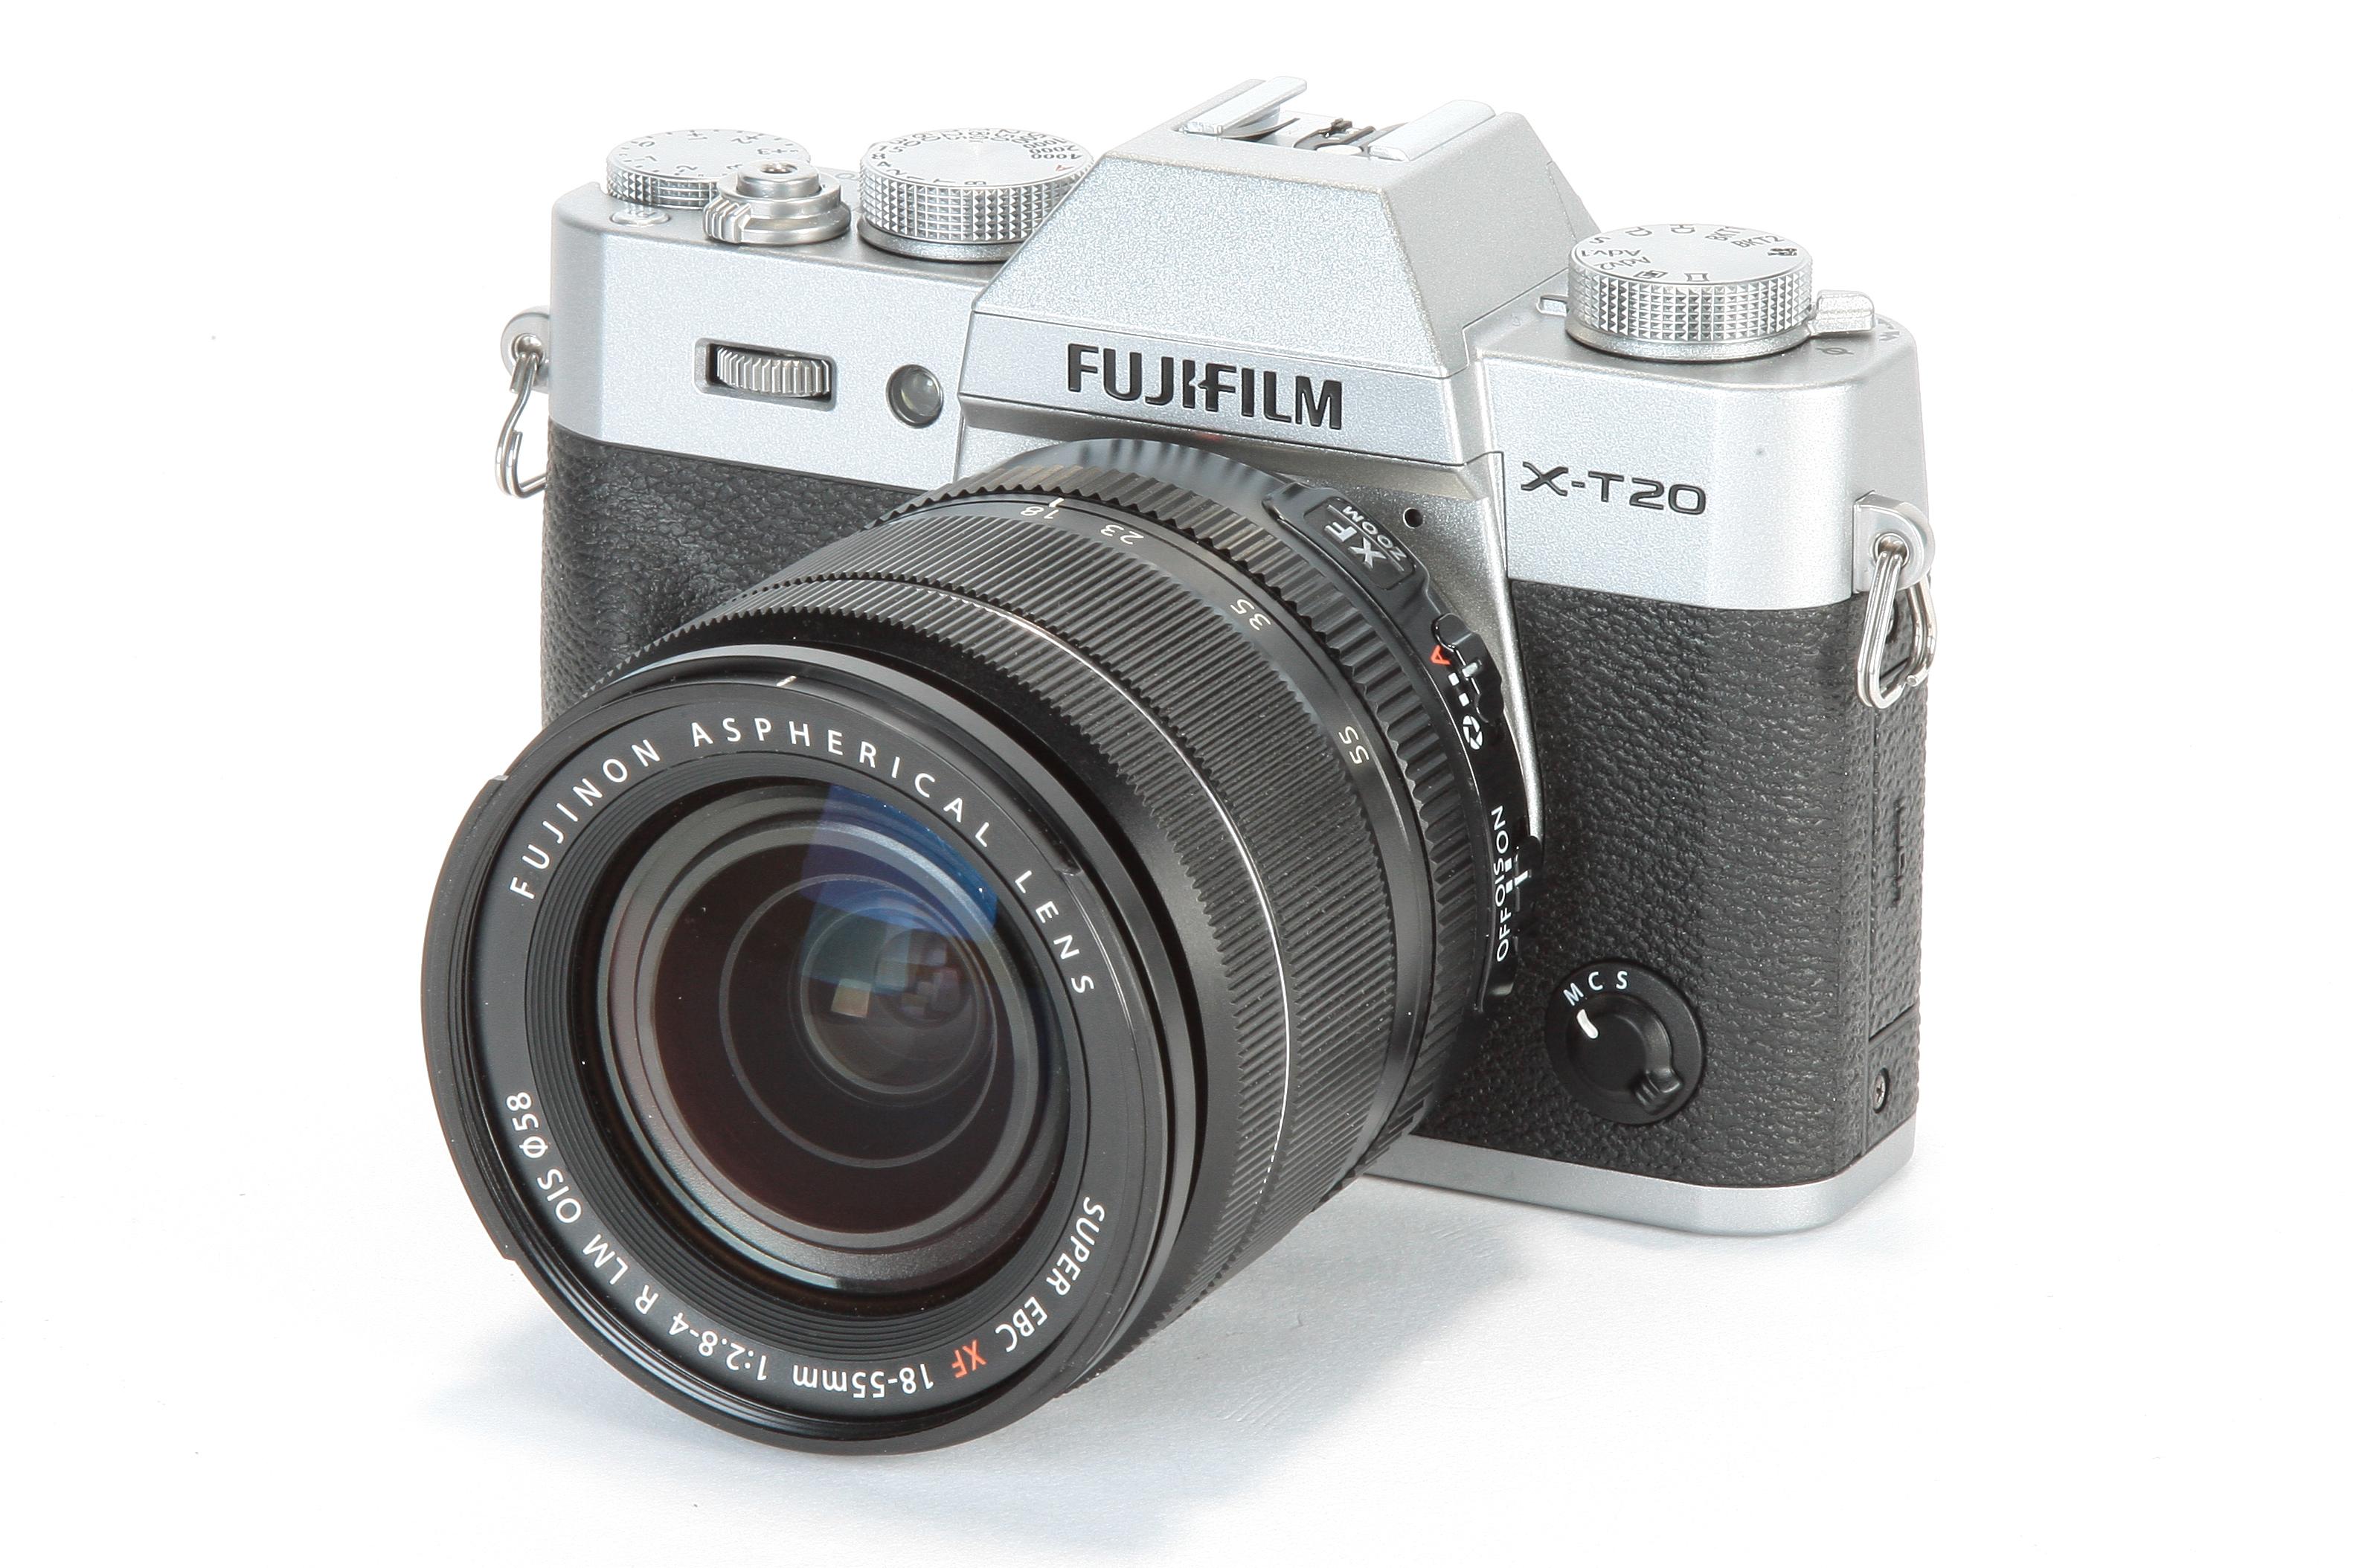 динамический диапазон фотоаппаратов фуджи проблема